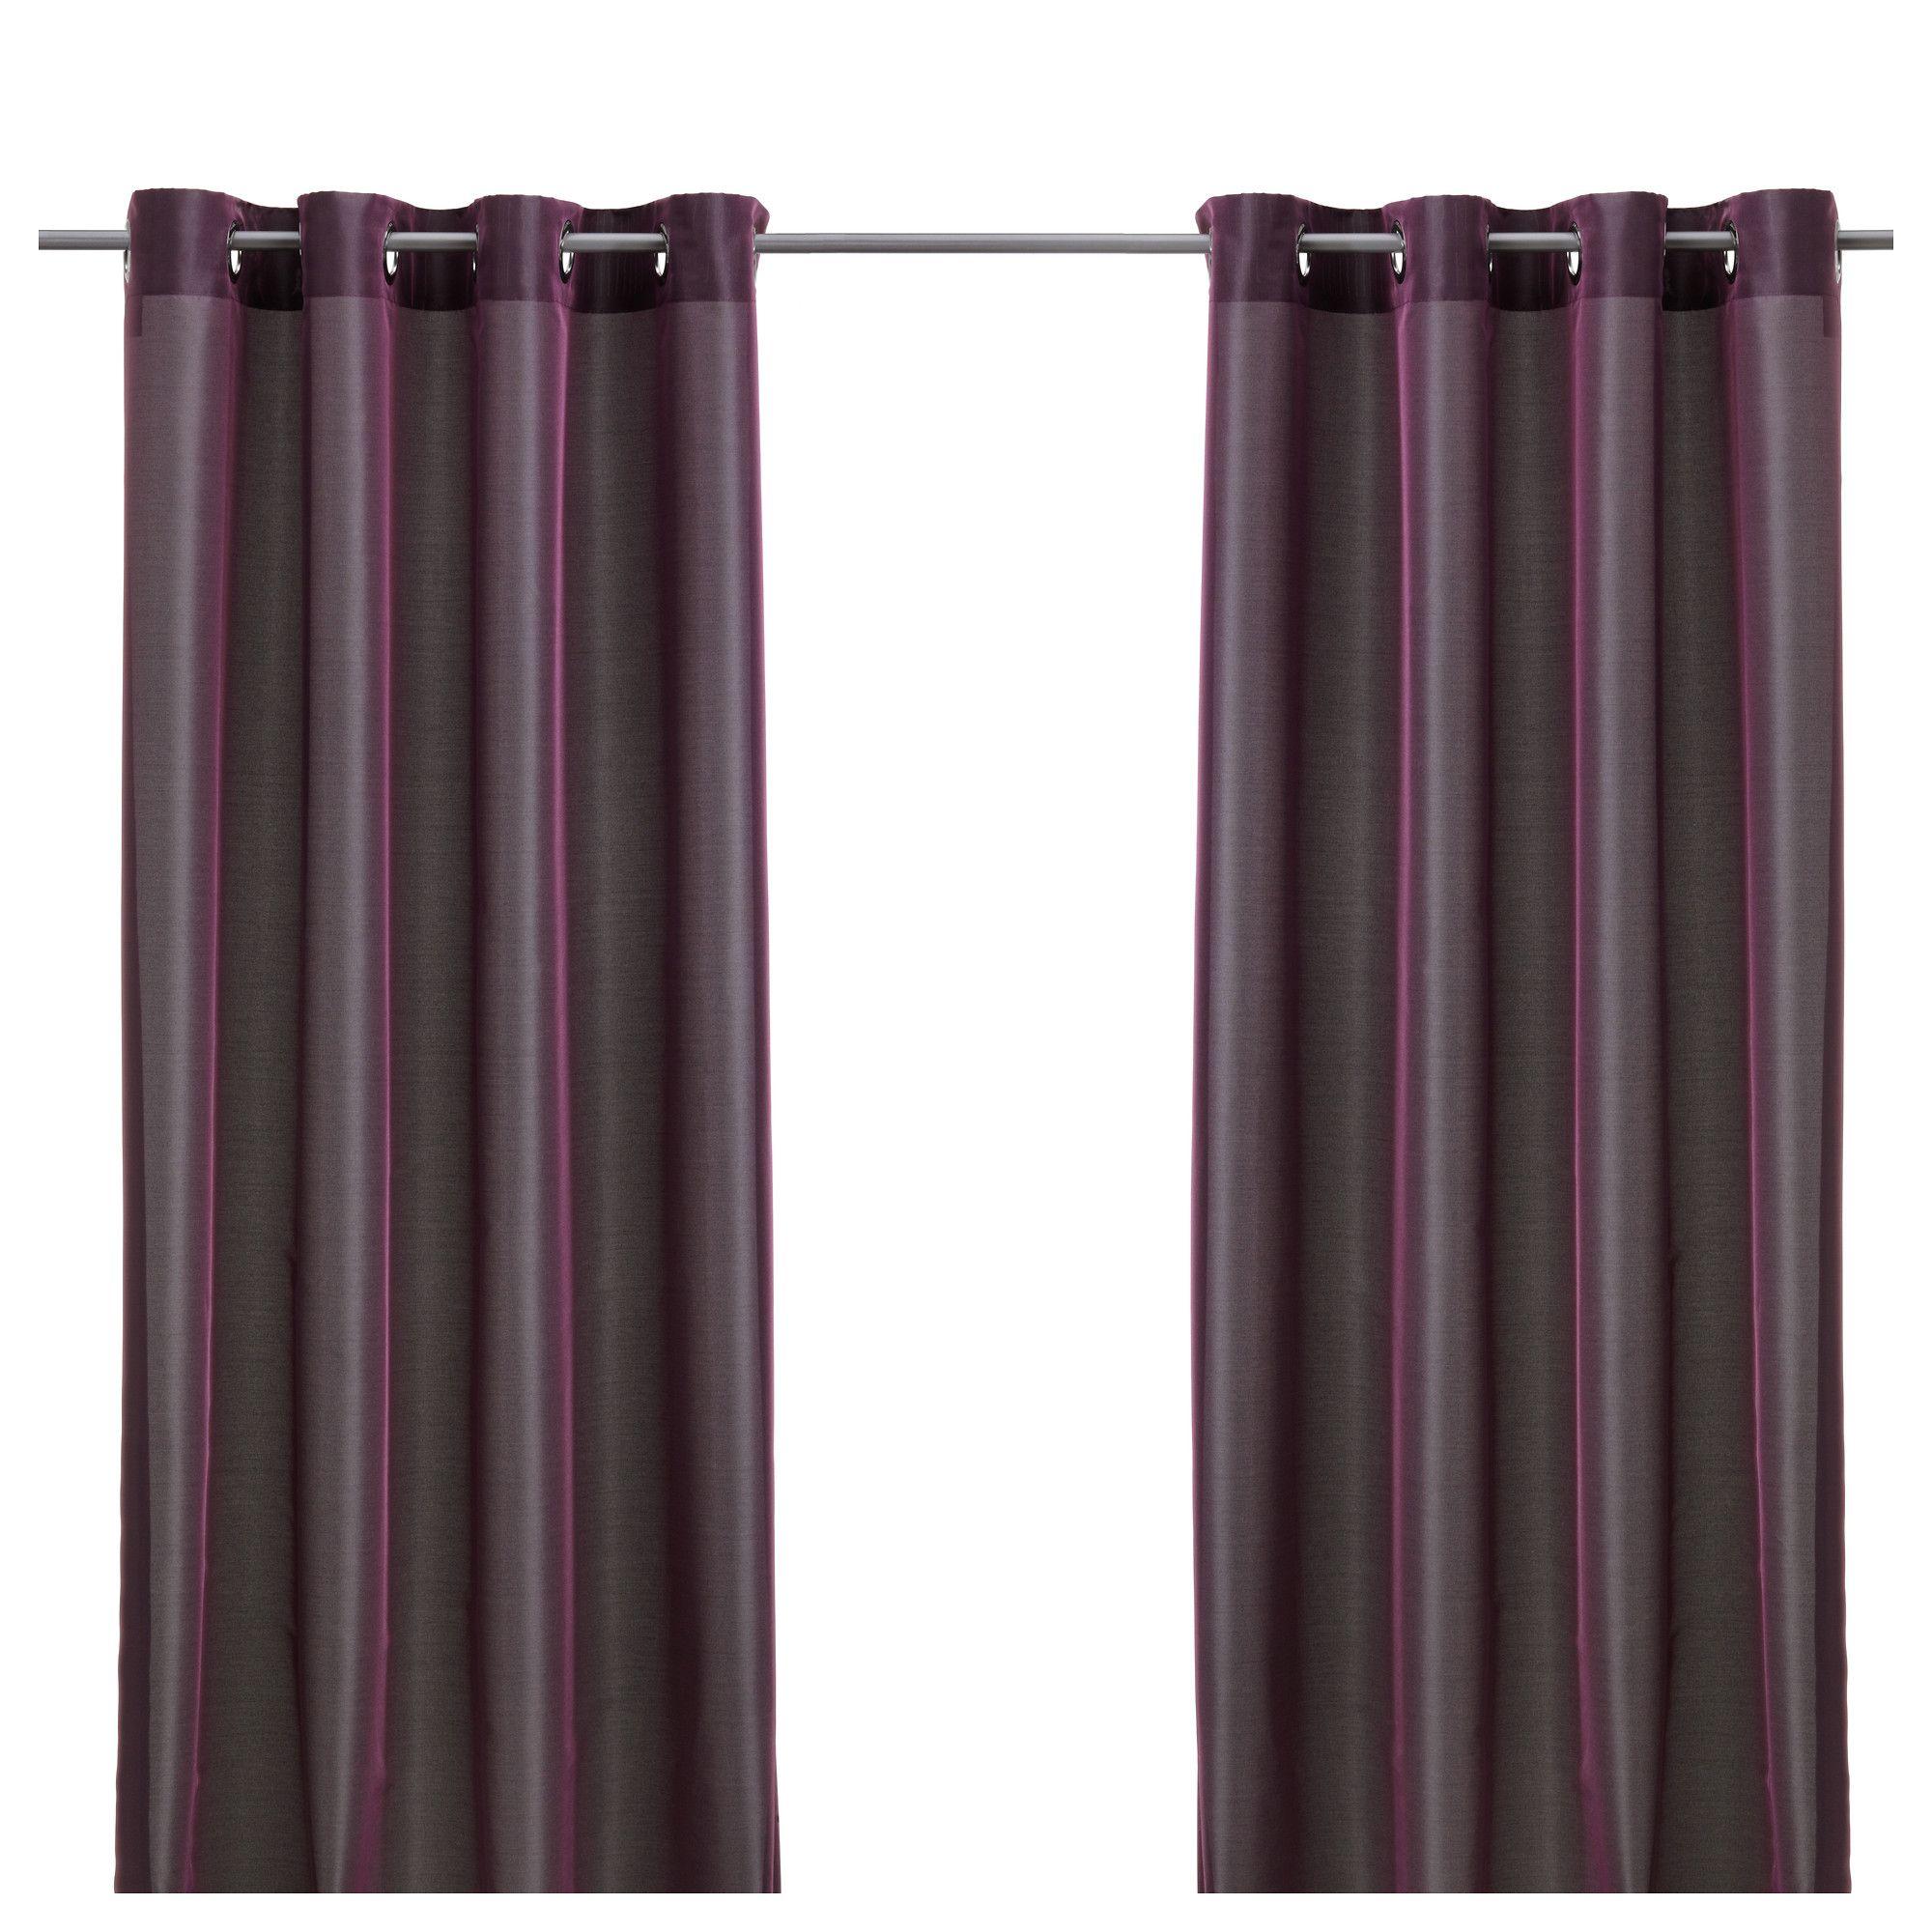 p rlbuske rideaux 1 paire ikea salle de sejour pinterest rideaux mobilier de salon y. Black Bedroom Furniture Sets. Home Design Ideas